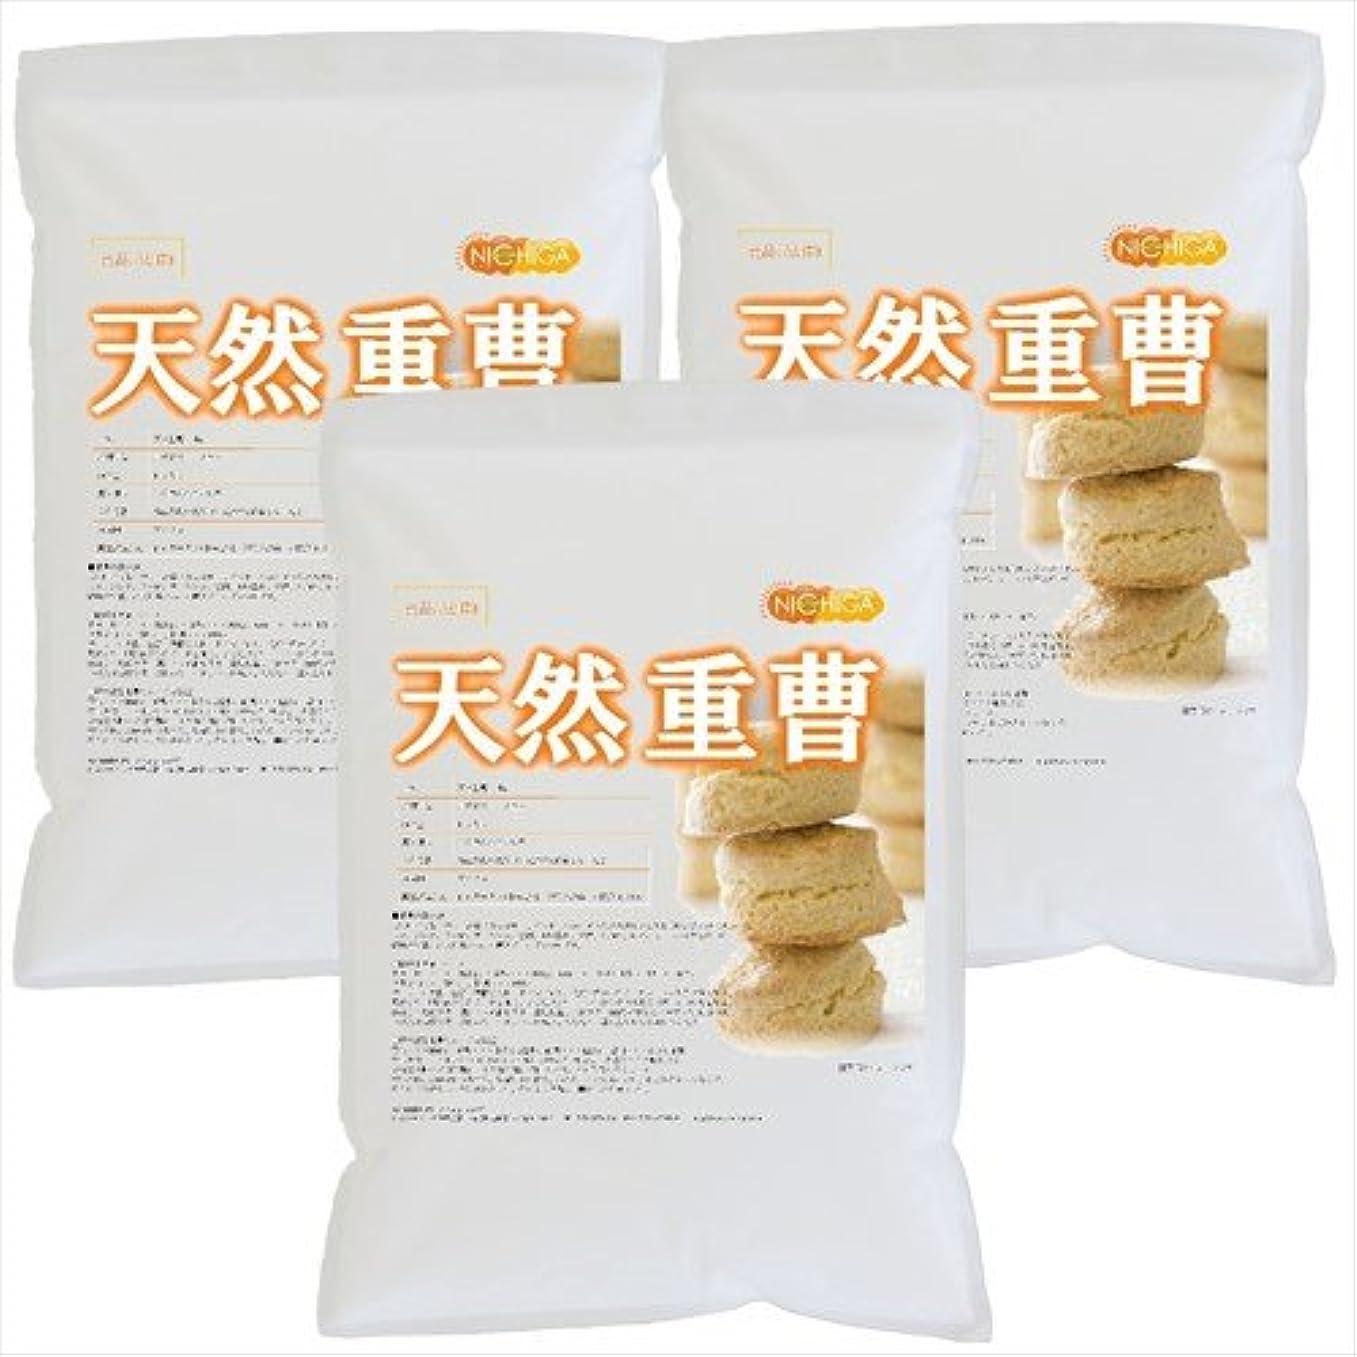 知人苦難想像する天然 重曹 5kg×3袋 [02] 炭酸水素ナトリウム 食品添加物(食品用)NICHIGA(ニチガ)